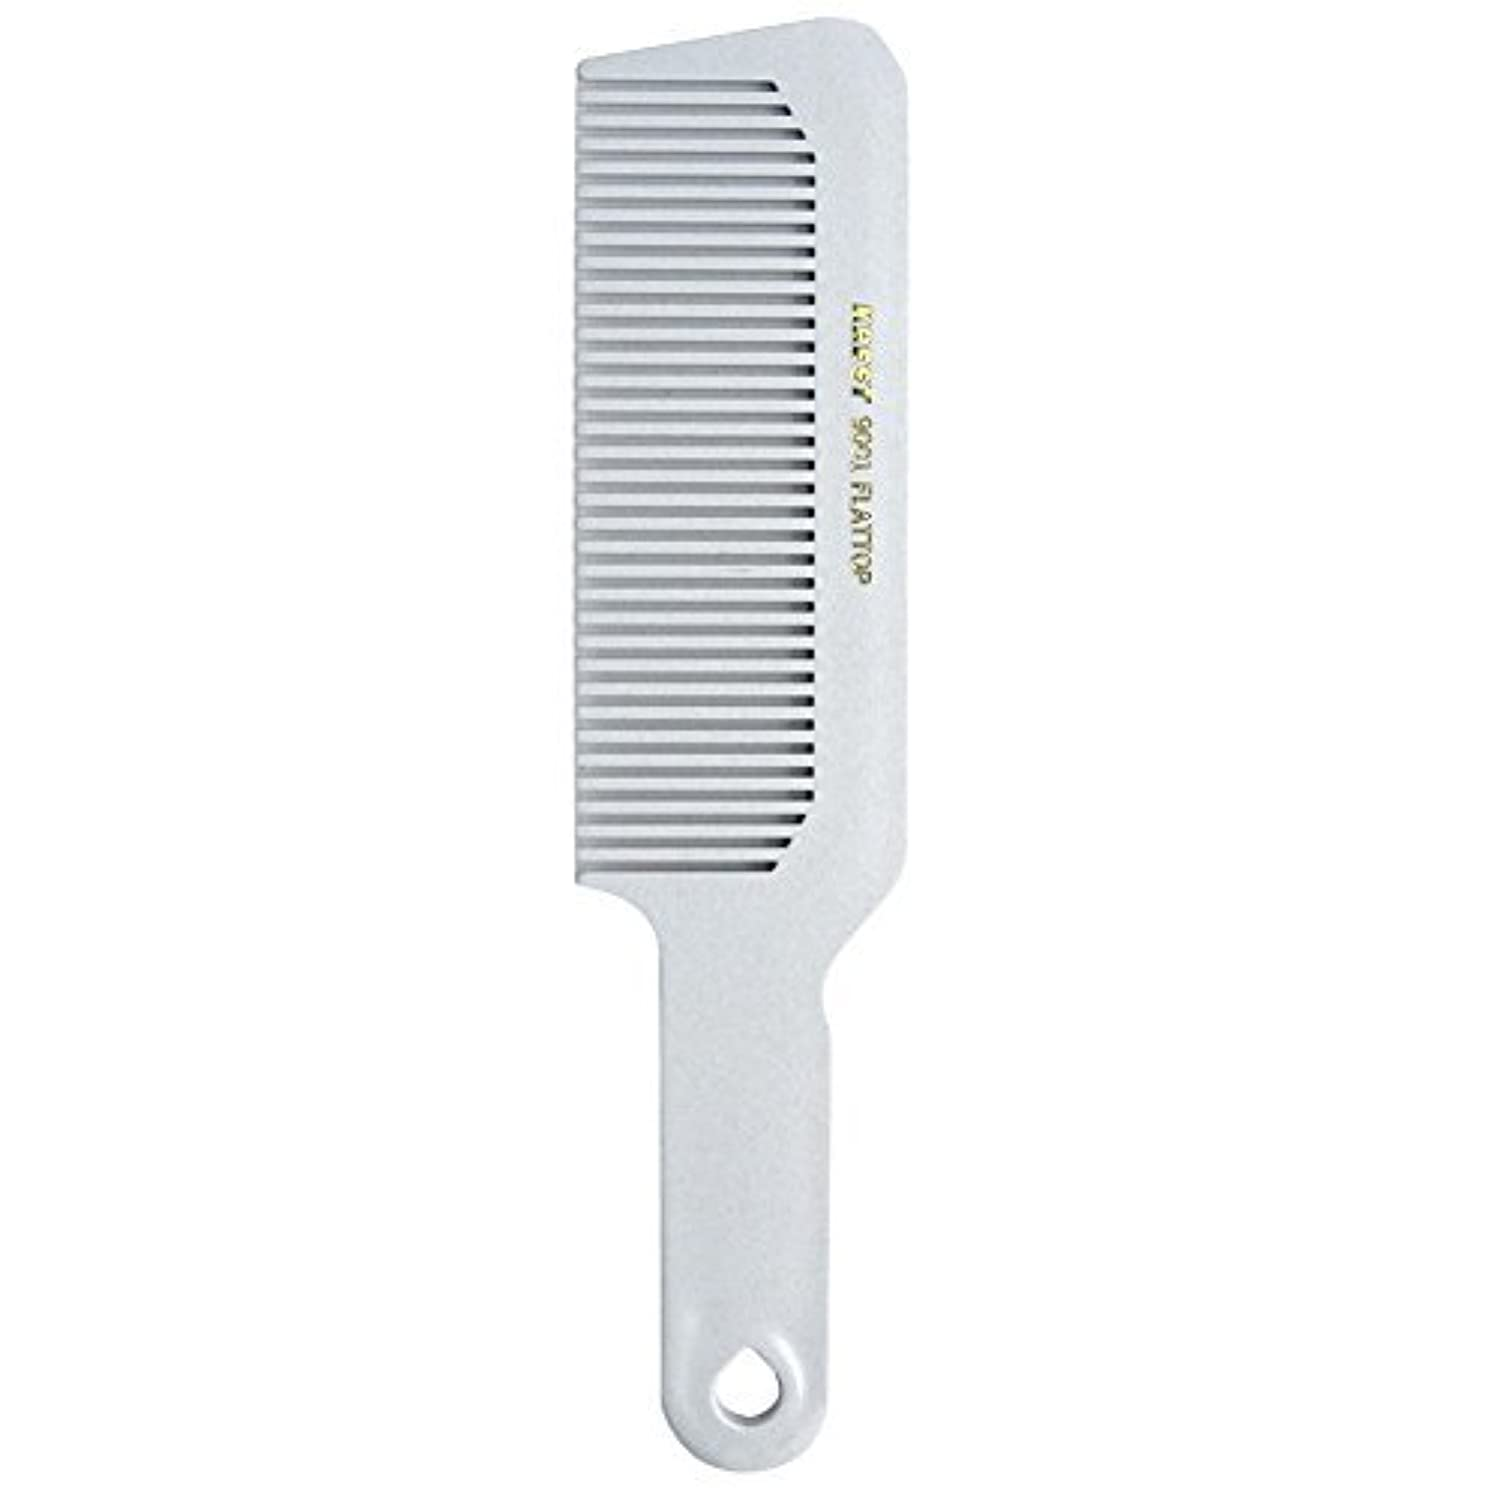 拍手ベーカリー流行しているBarber Salon Beauty Hair Krest 9001 8 3/4